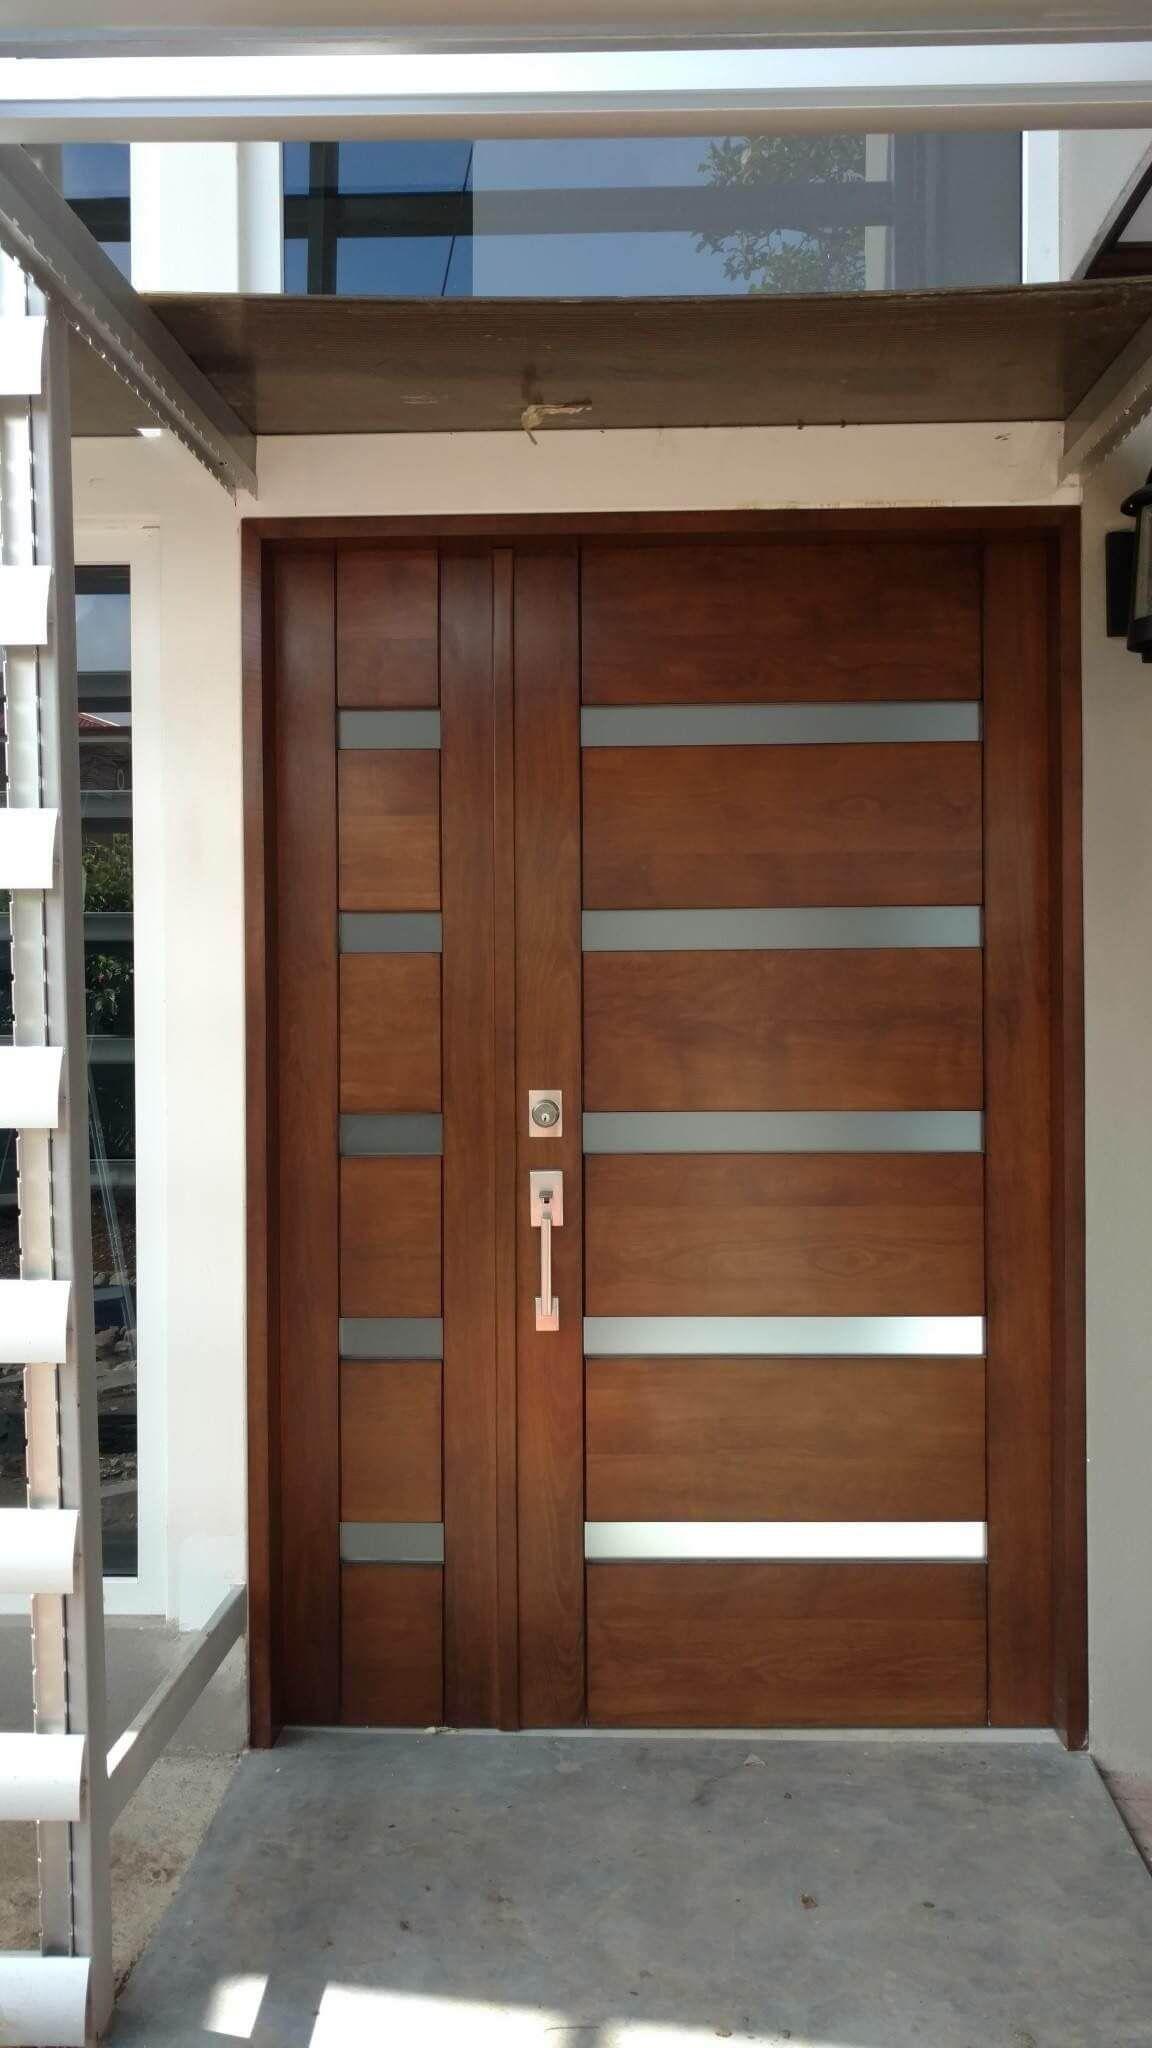 Creative Front Door Designs That Will Inspire You Engineering Discoveries House Main Door Design Door Design Modern Contemporary Front Doors